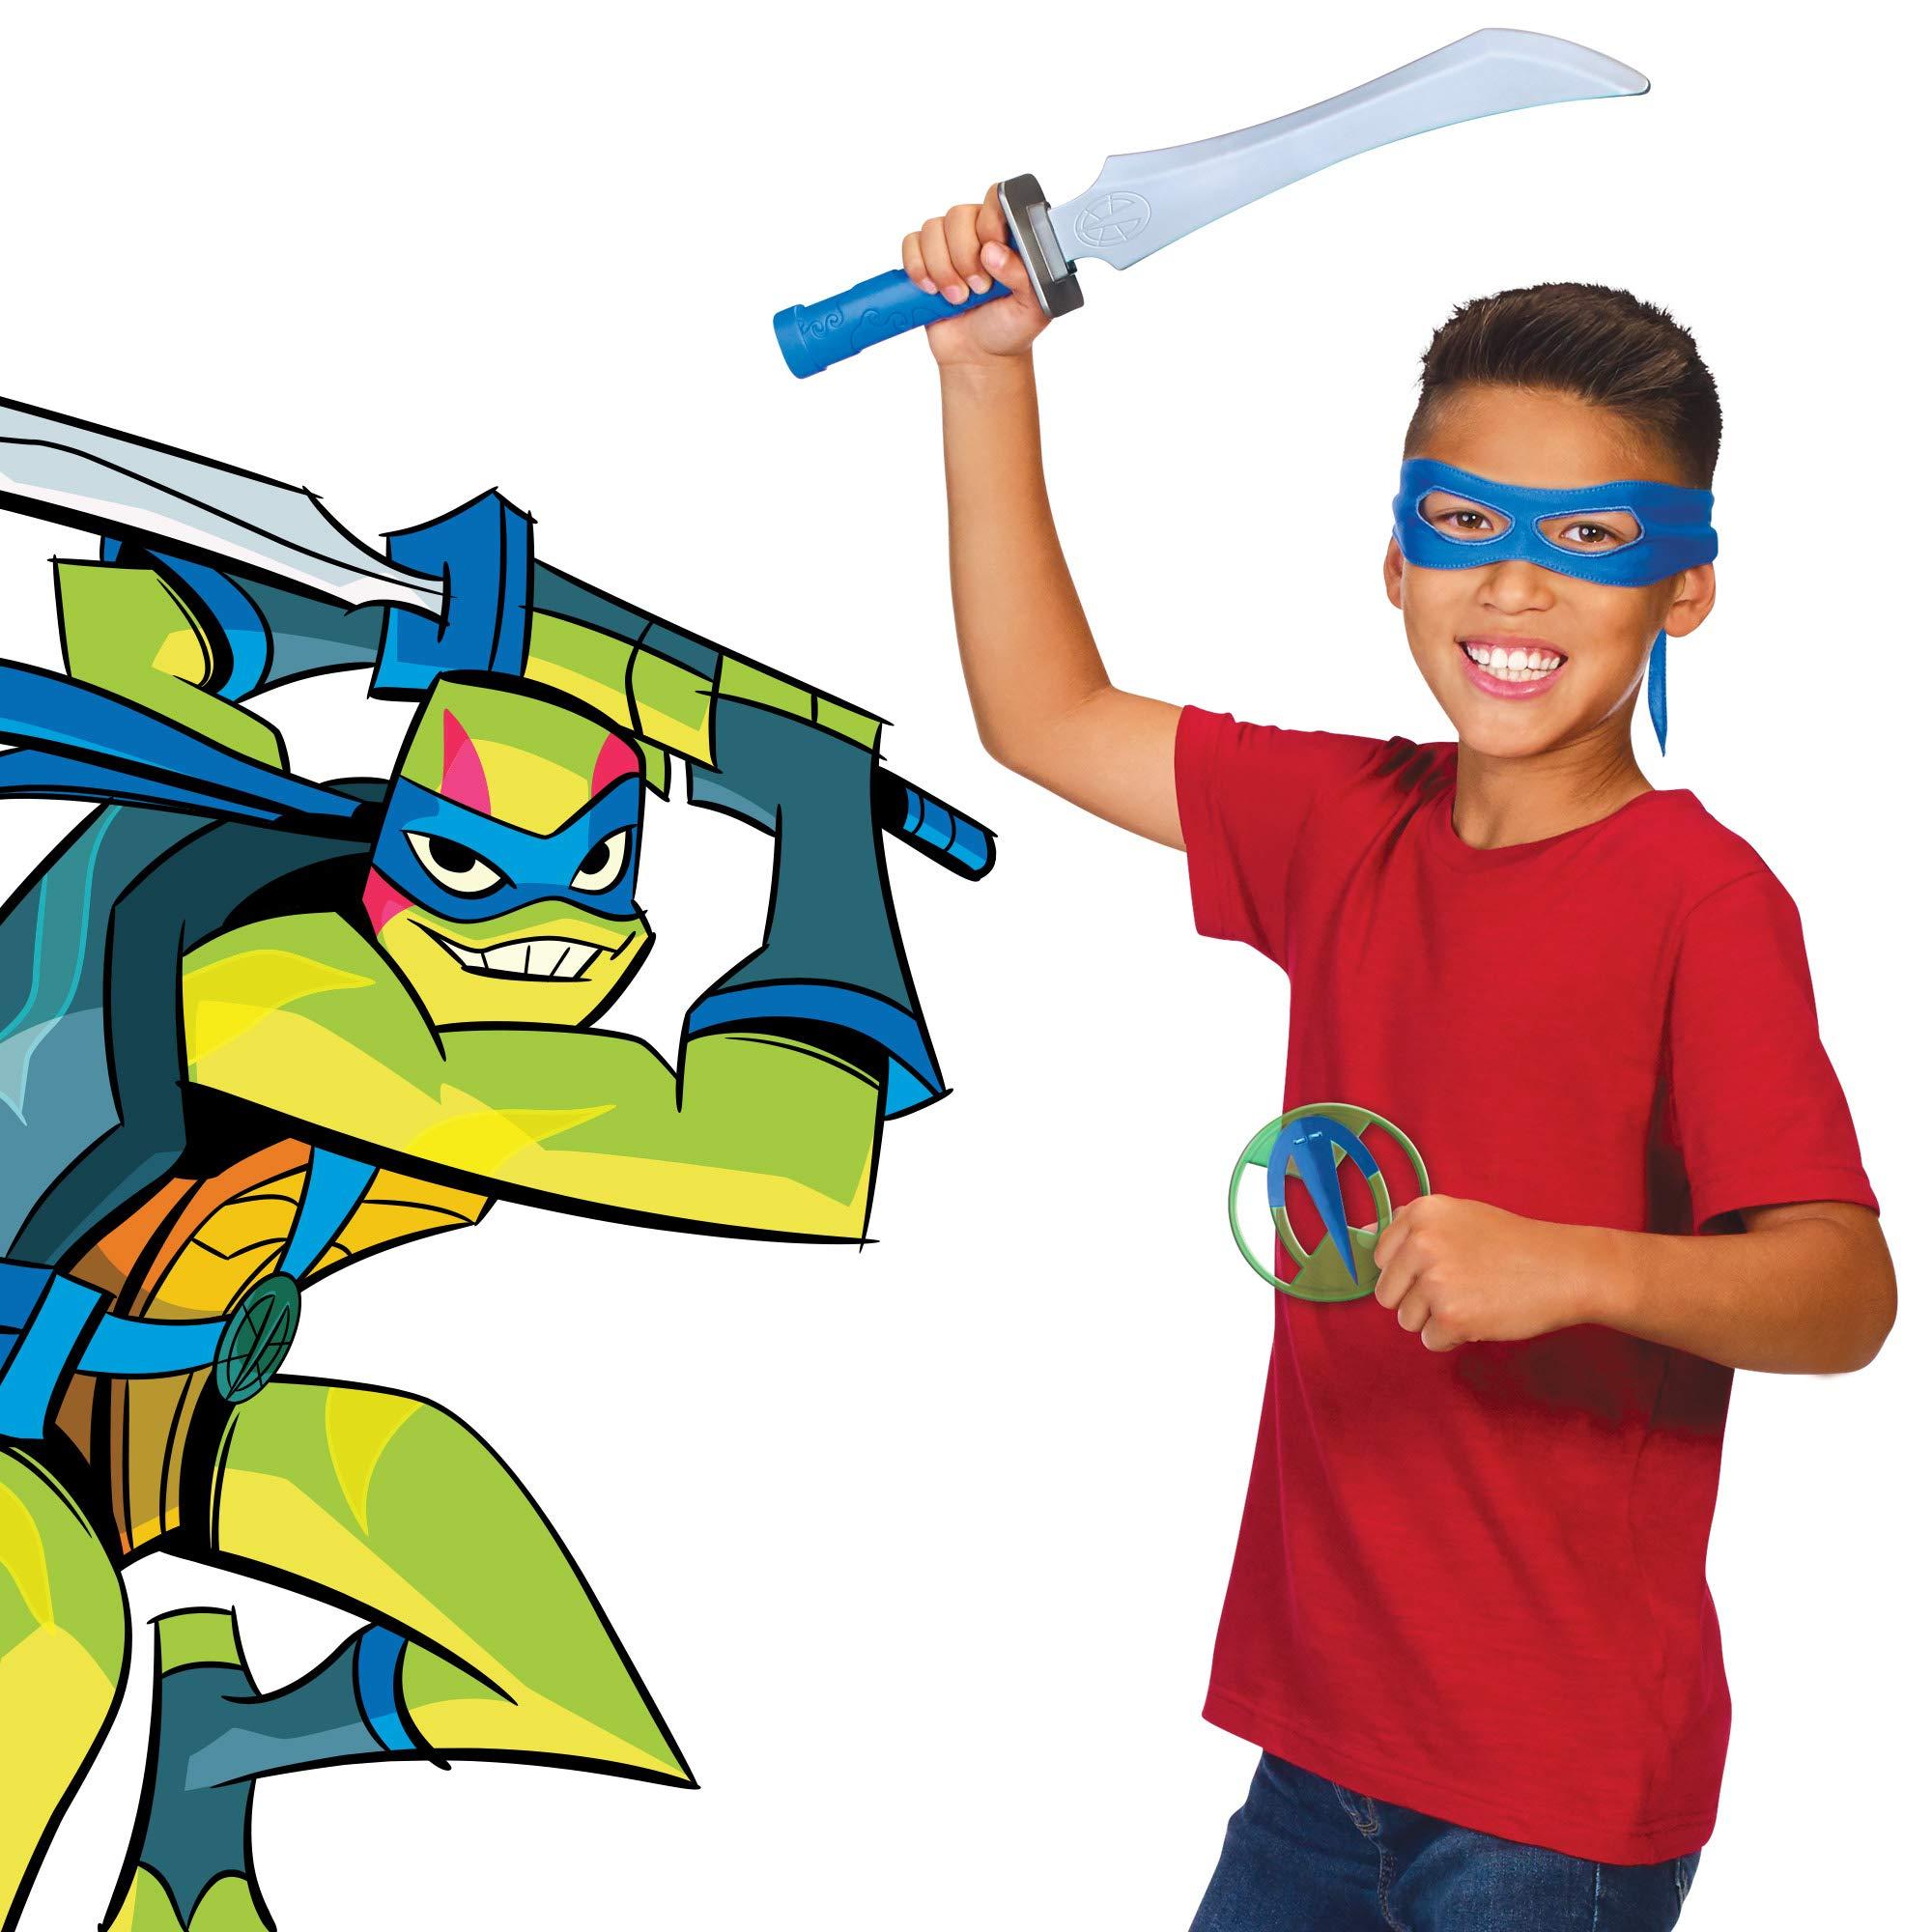 Teenage Mutant Ninja Turtles Leonardo's Odachi by Rise of the Teenage Mutant Ninja Turtles (Image #1)